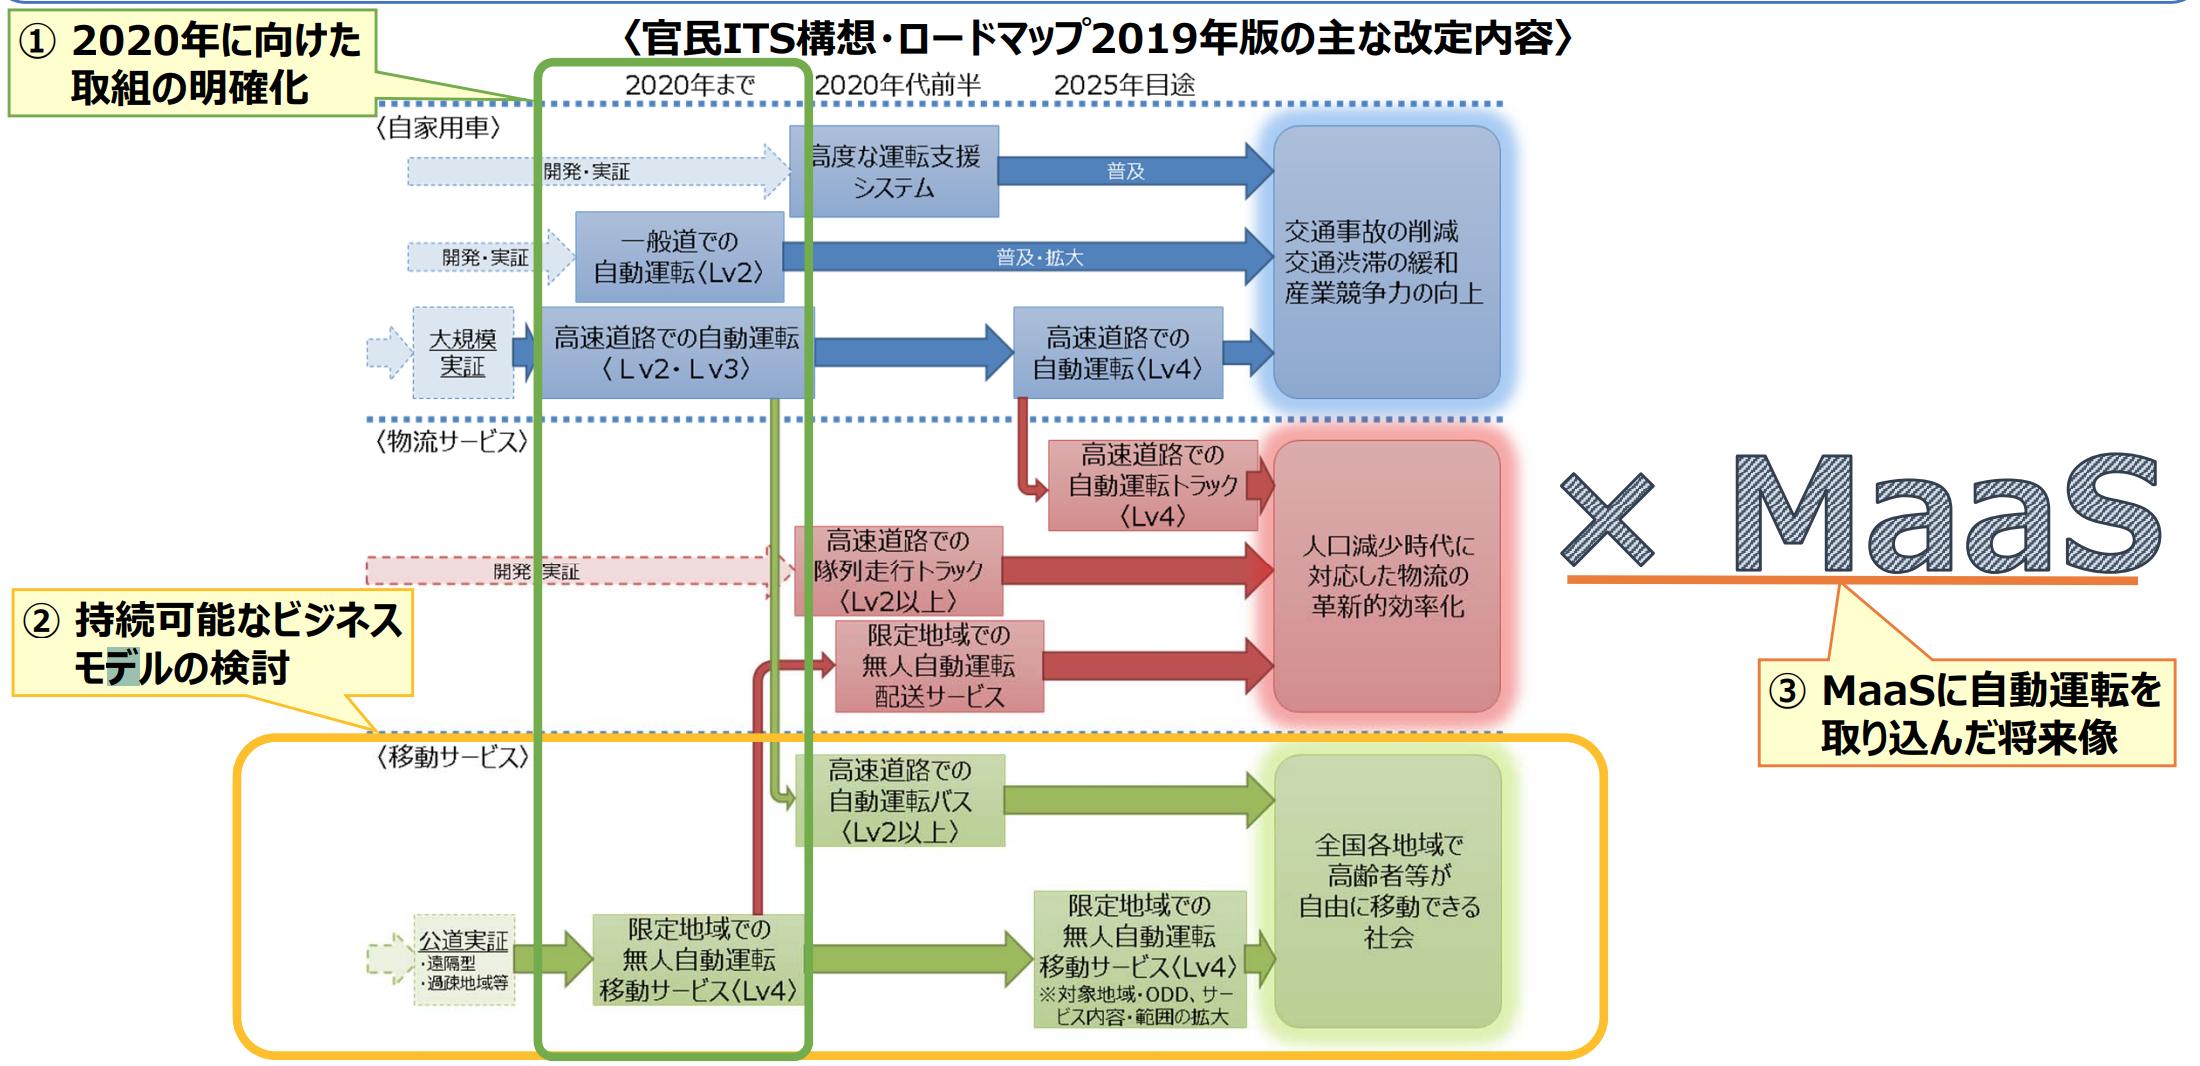 官⺠ITS構想・ロードマップ2019年版の主な改定内容